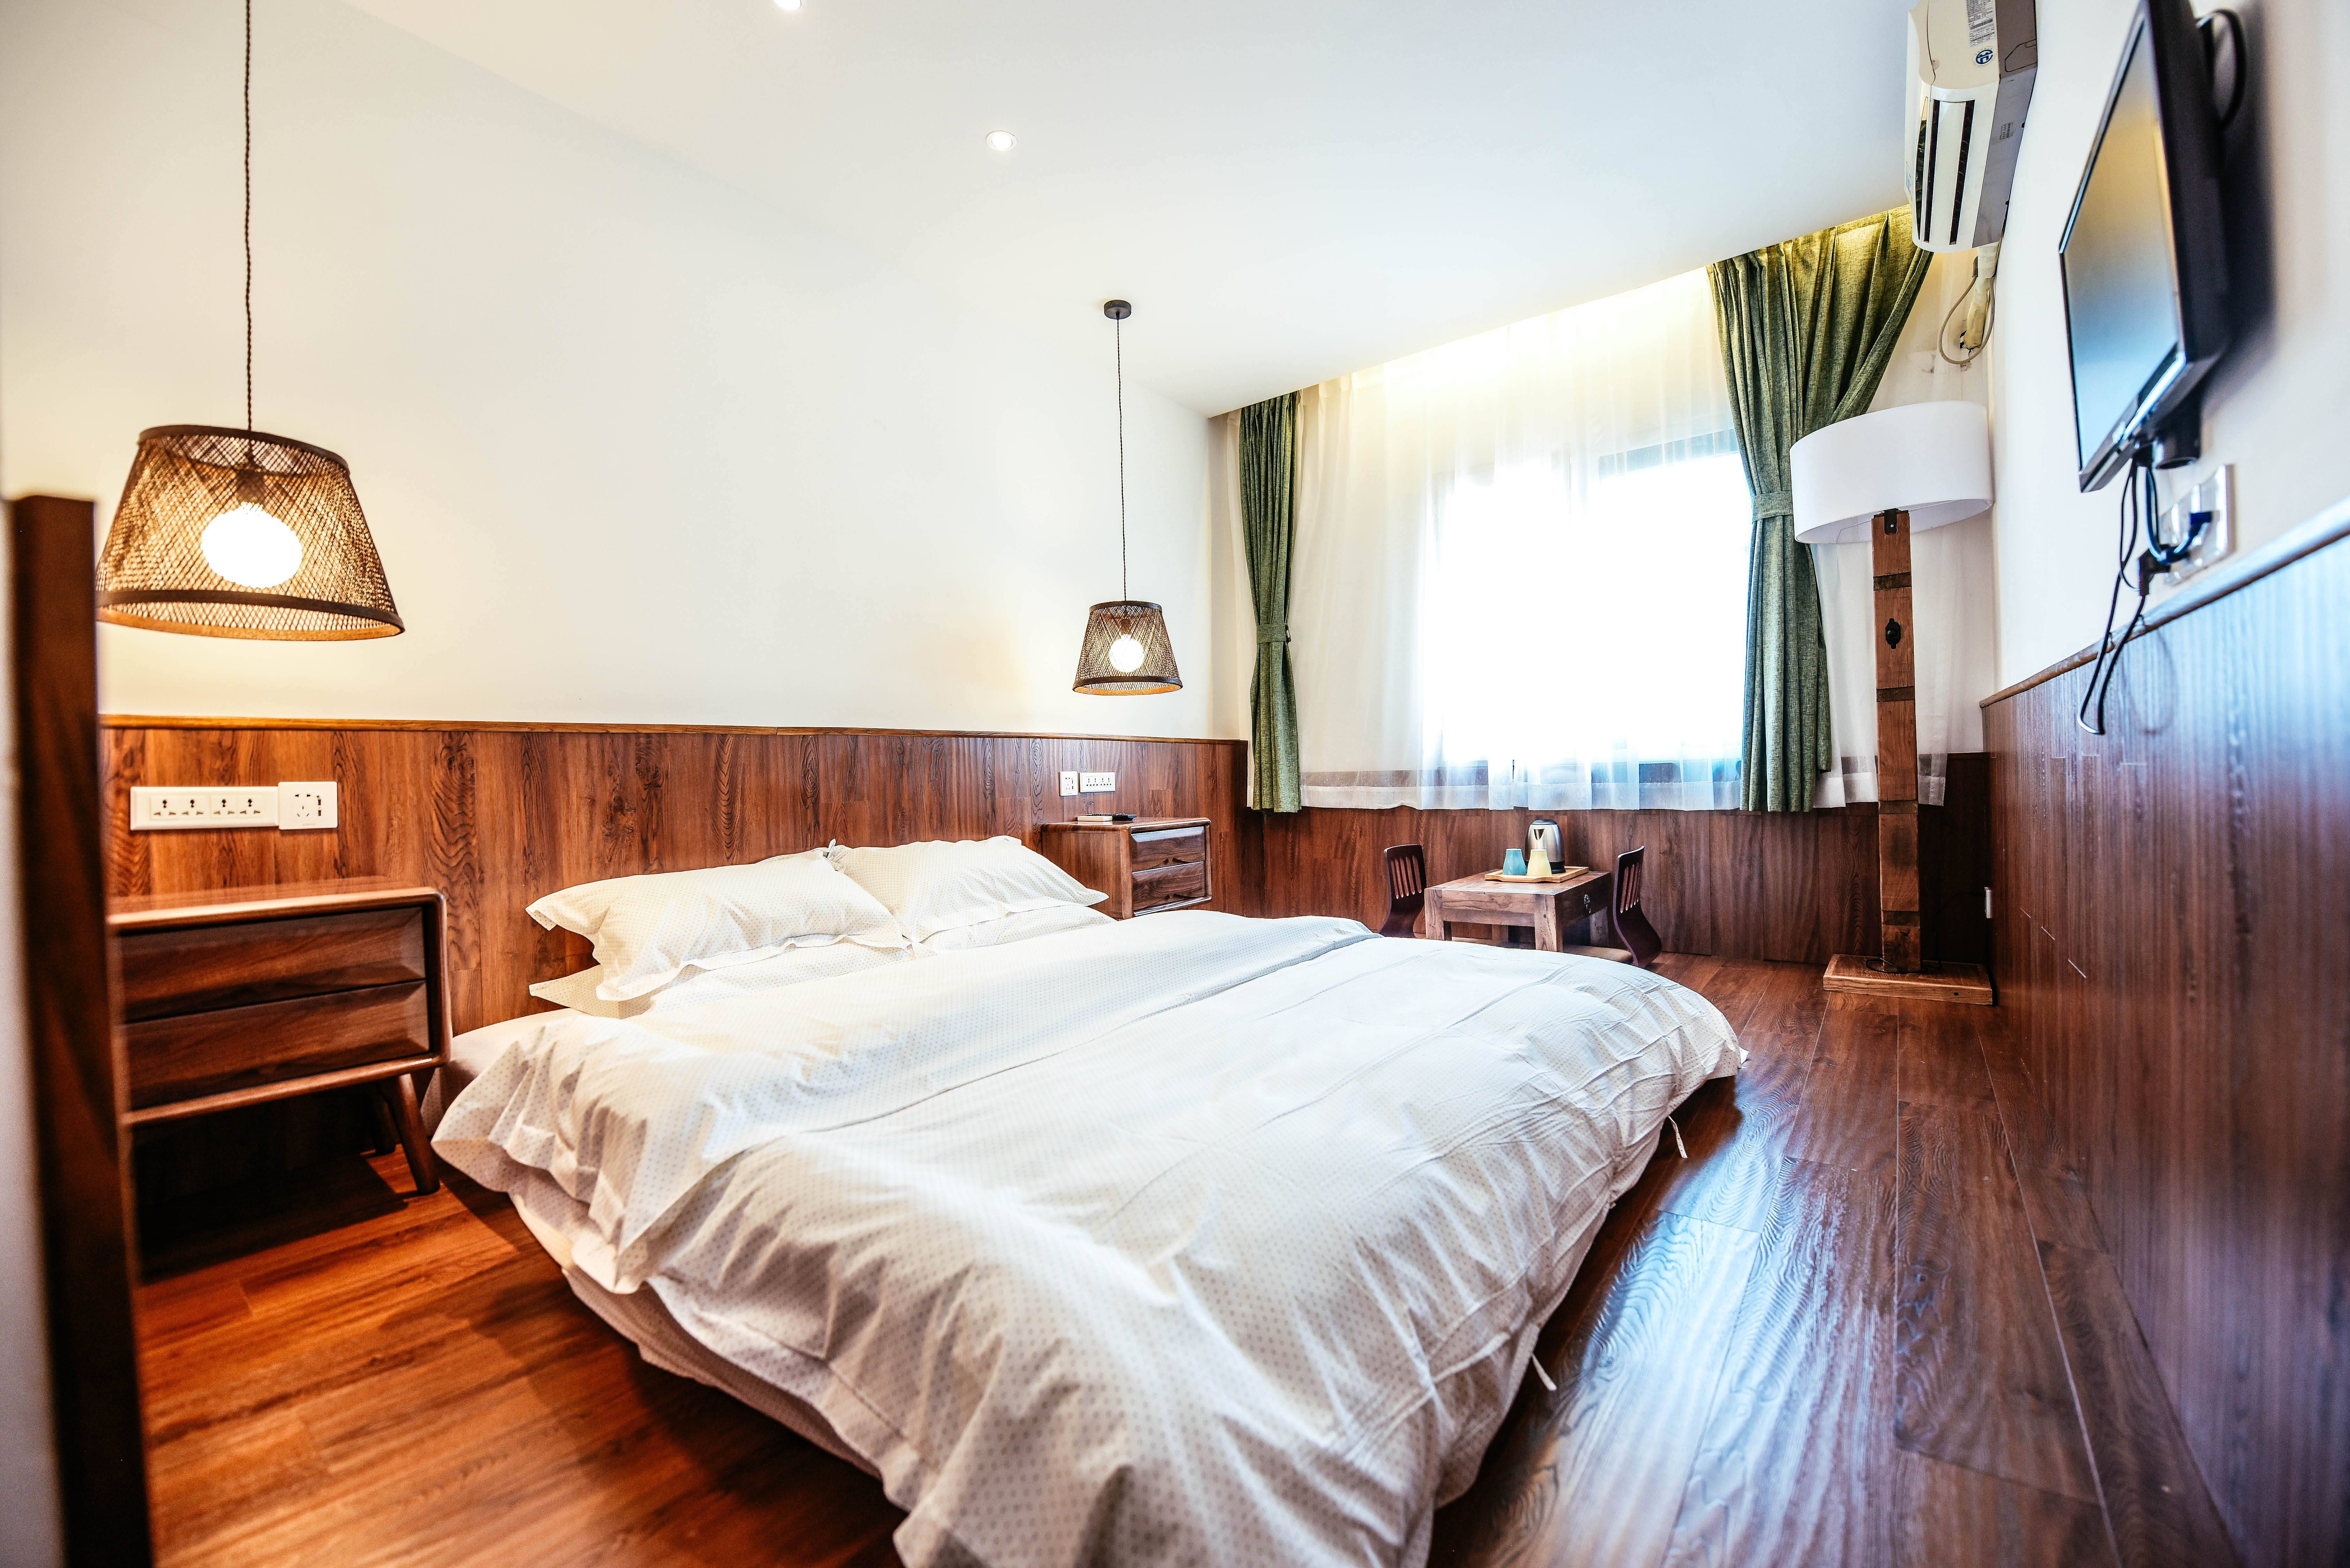 HOSTEL - Chengdu Flipflop Backpacker Lounge Hostel